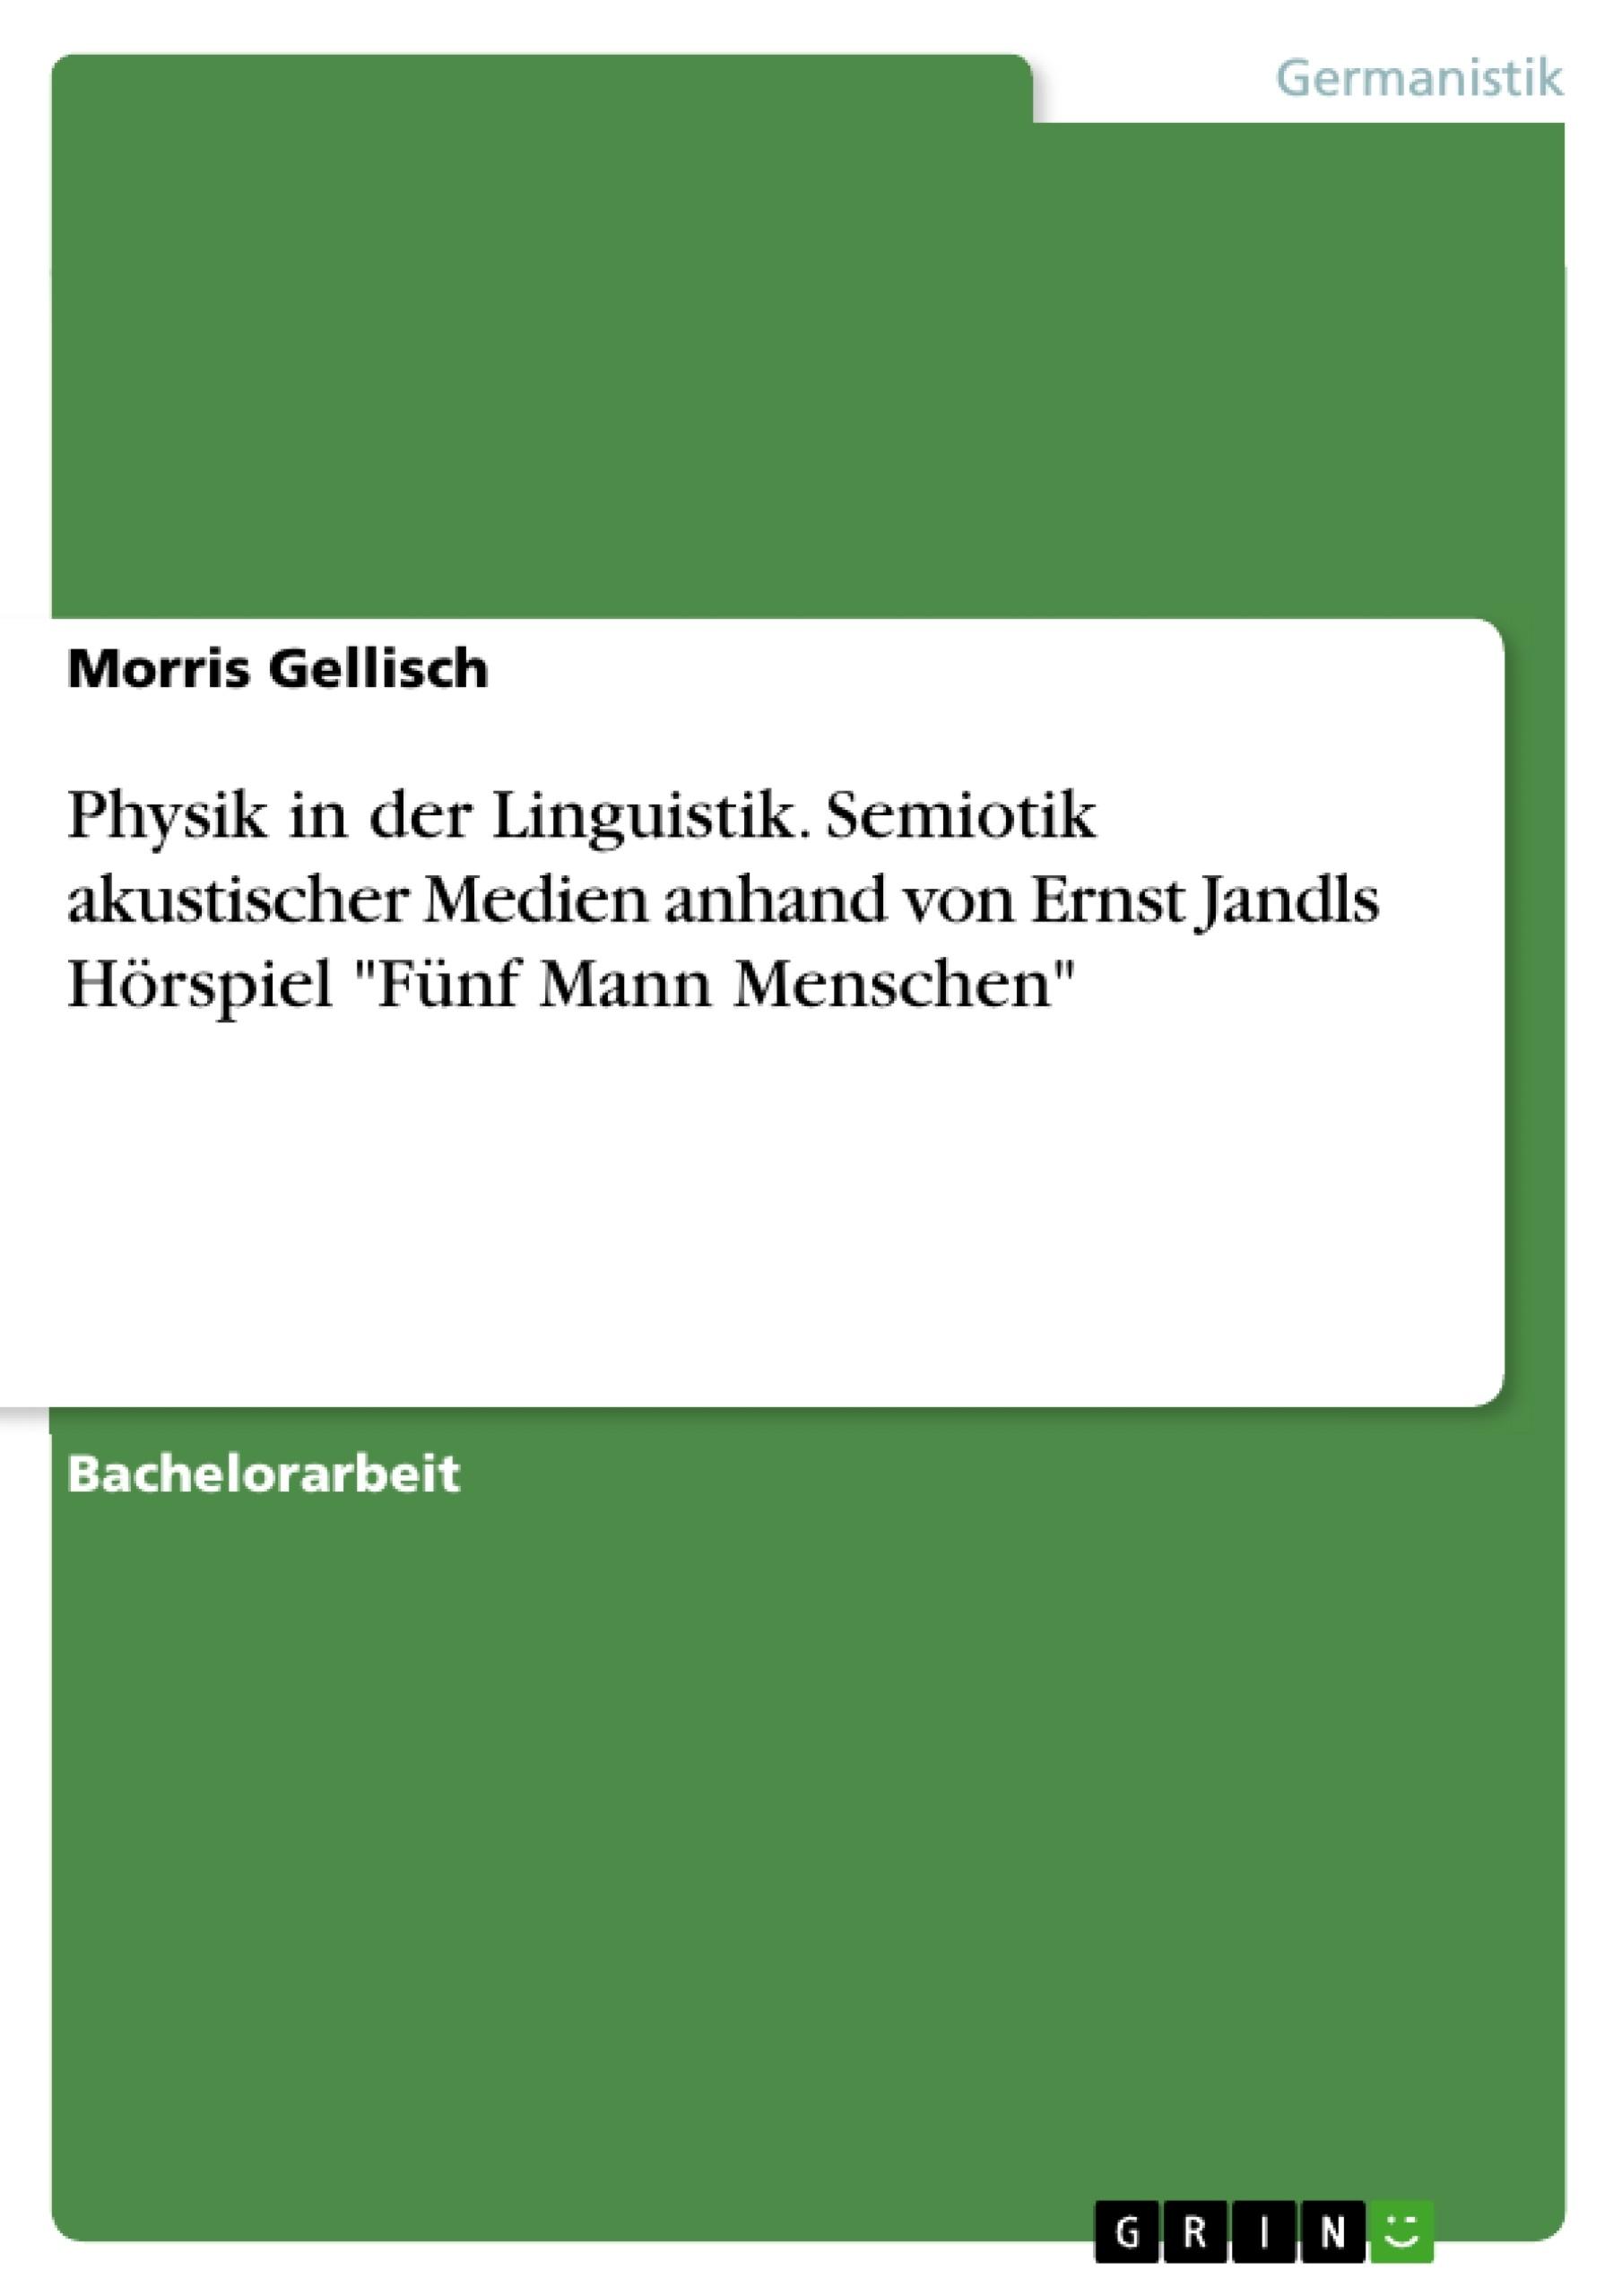 """Titel: Physik in der Linguistik. Semiotik akustischer Medien anhand von Ernst Jandls Hörspiel """"Fünf Mann Menschen"""""""